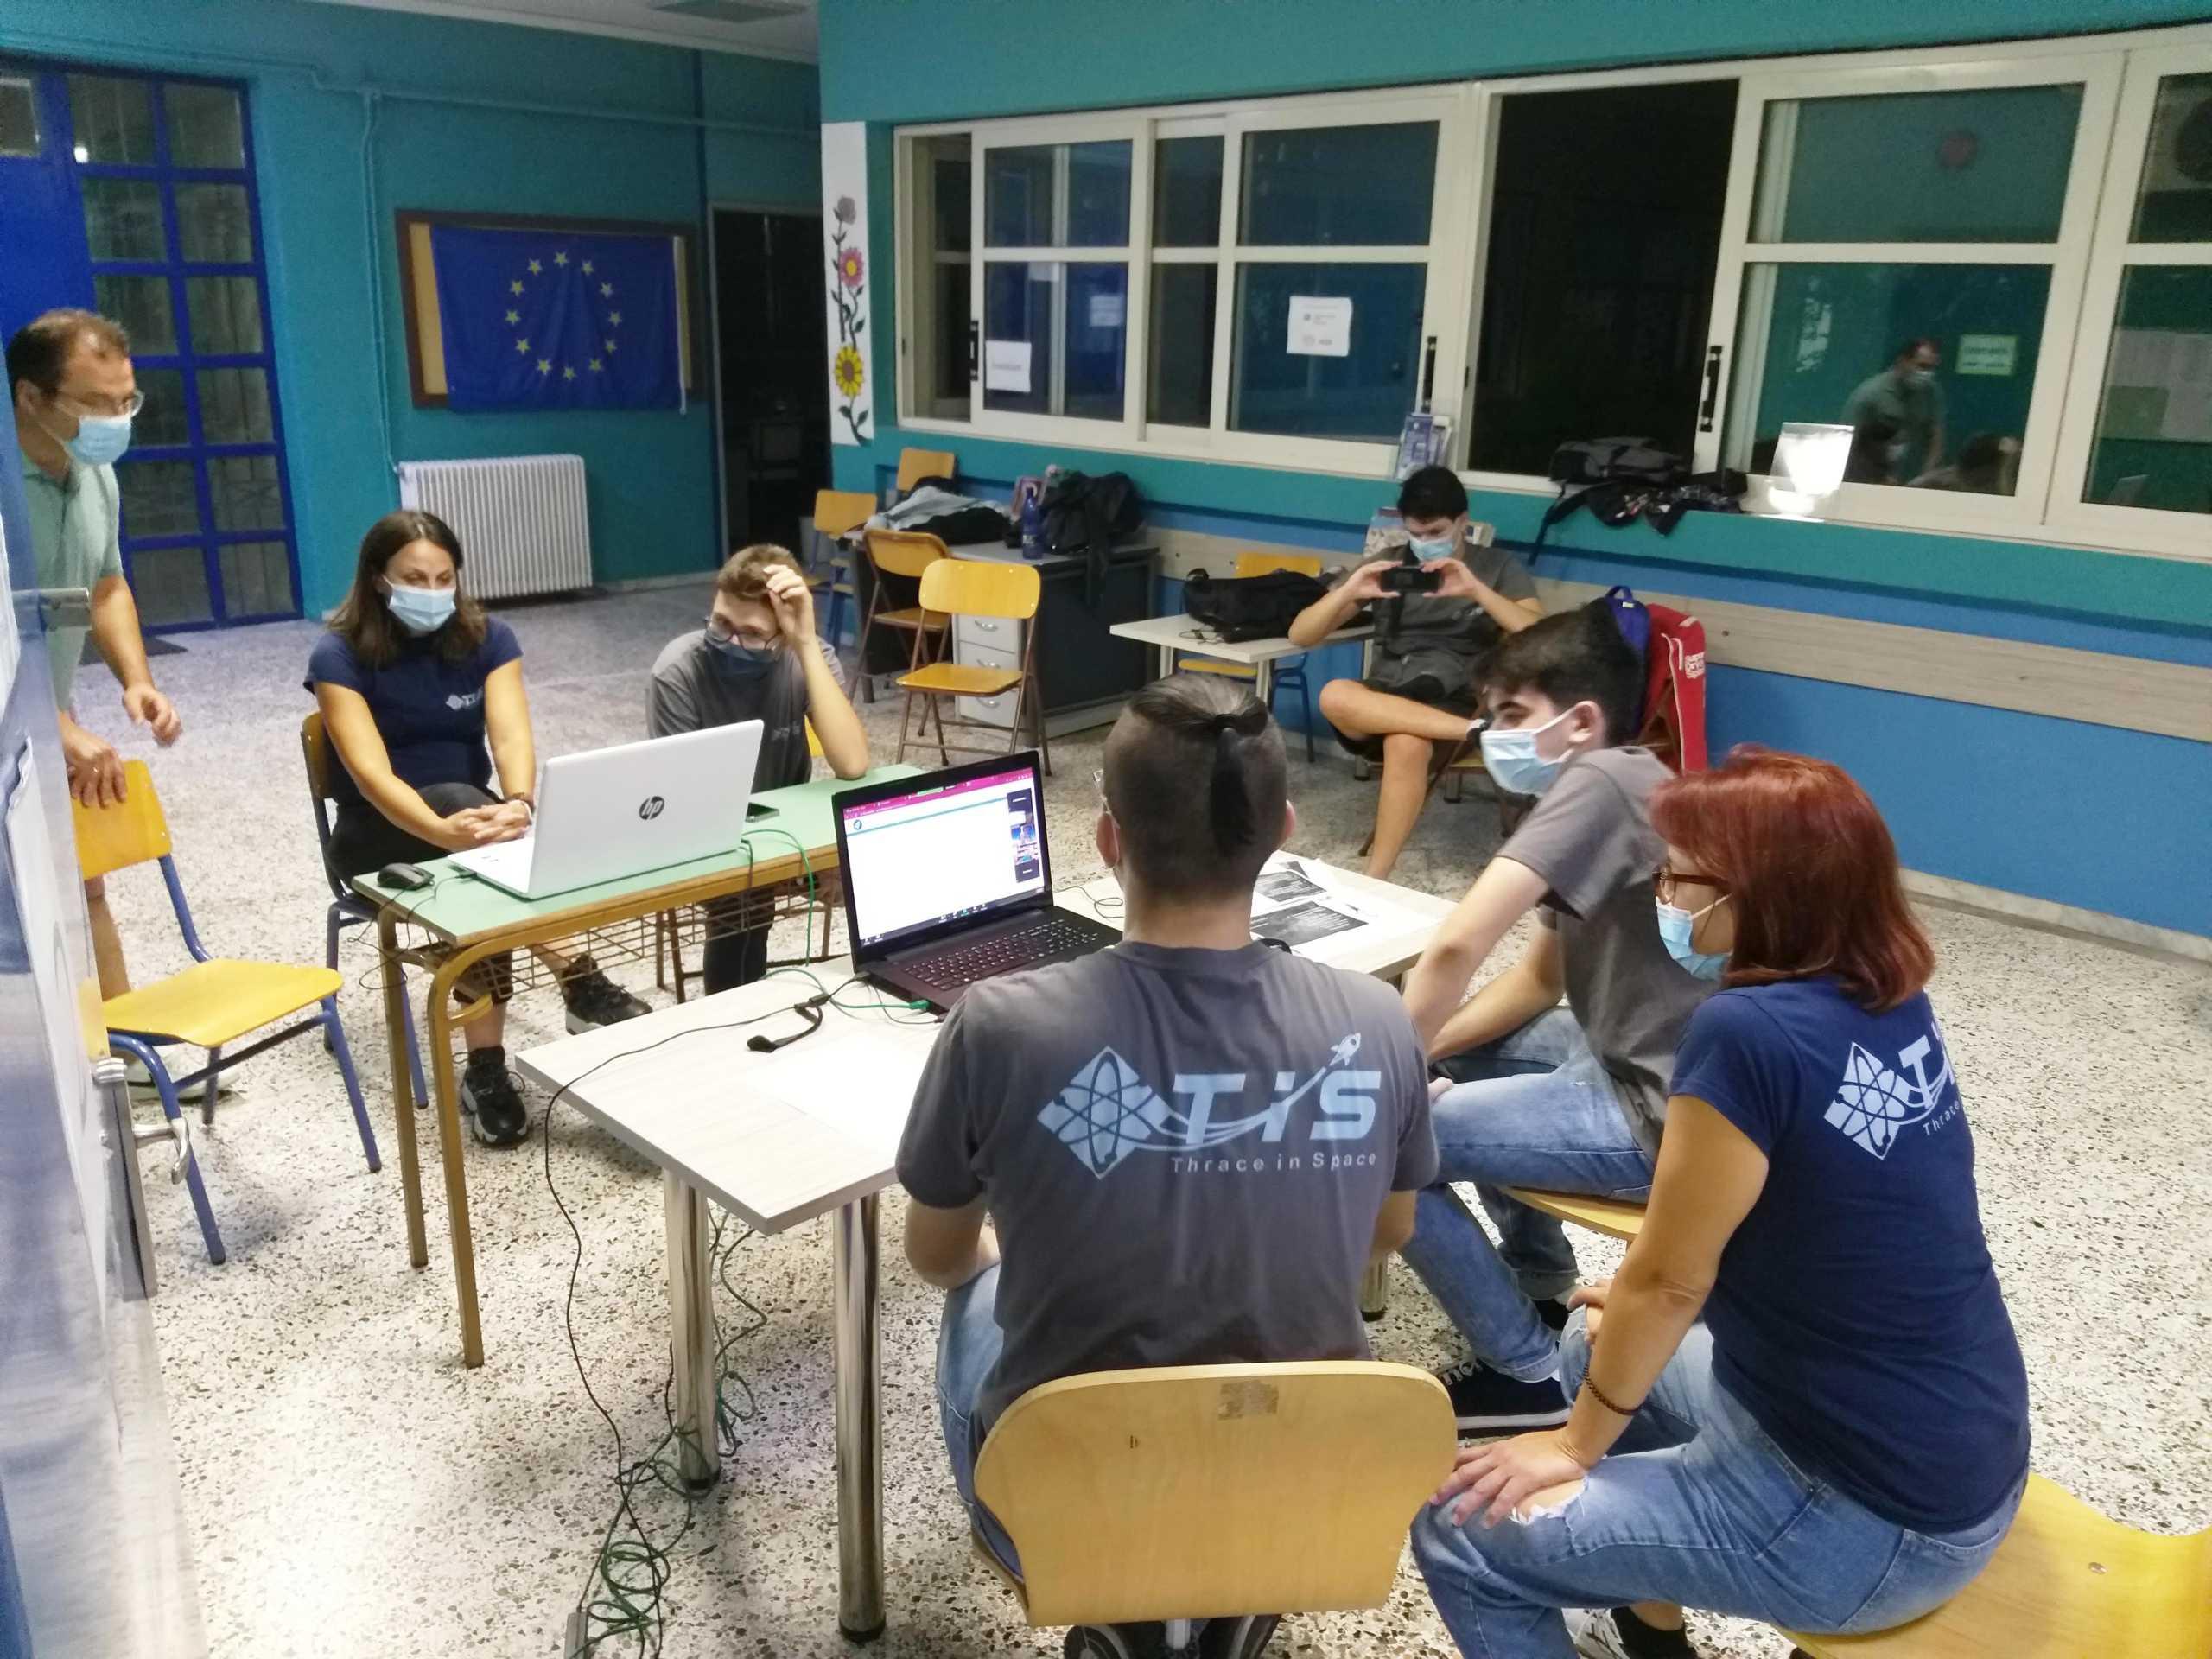 Ξάνθη: Ταξίδι στη στρατόσφαιρα για το  σχολικό πείραμα ομάδας του 2ου Λύκειου